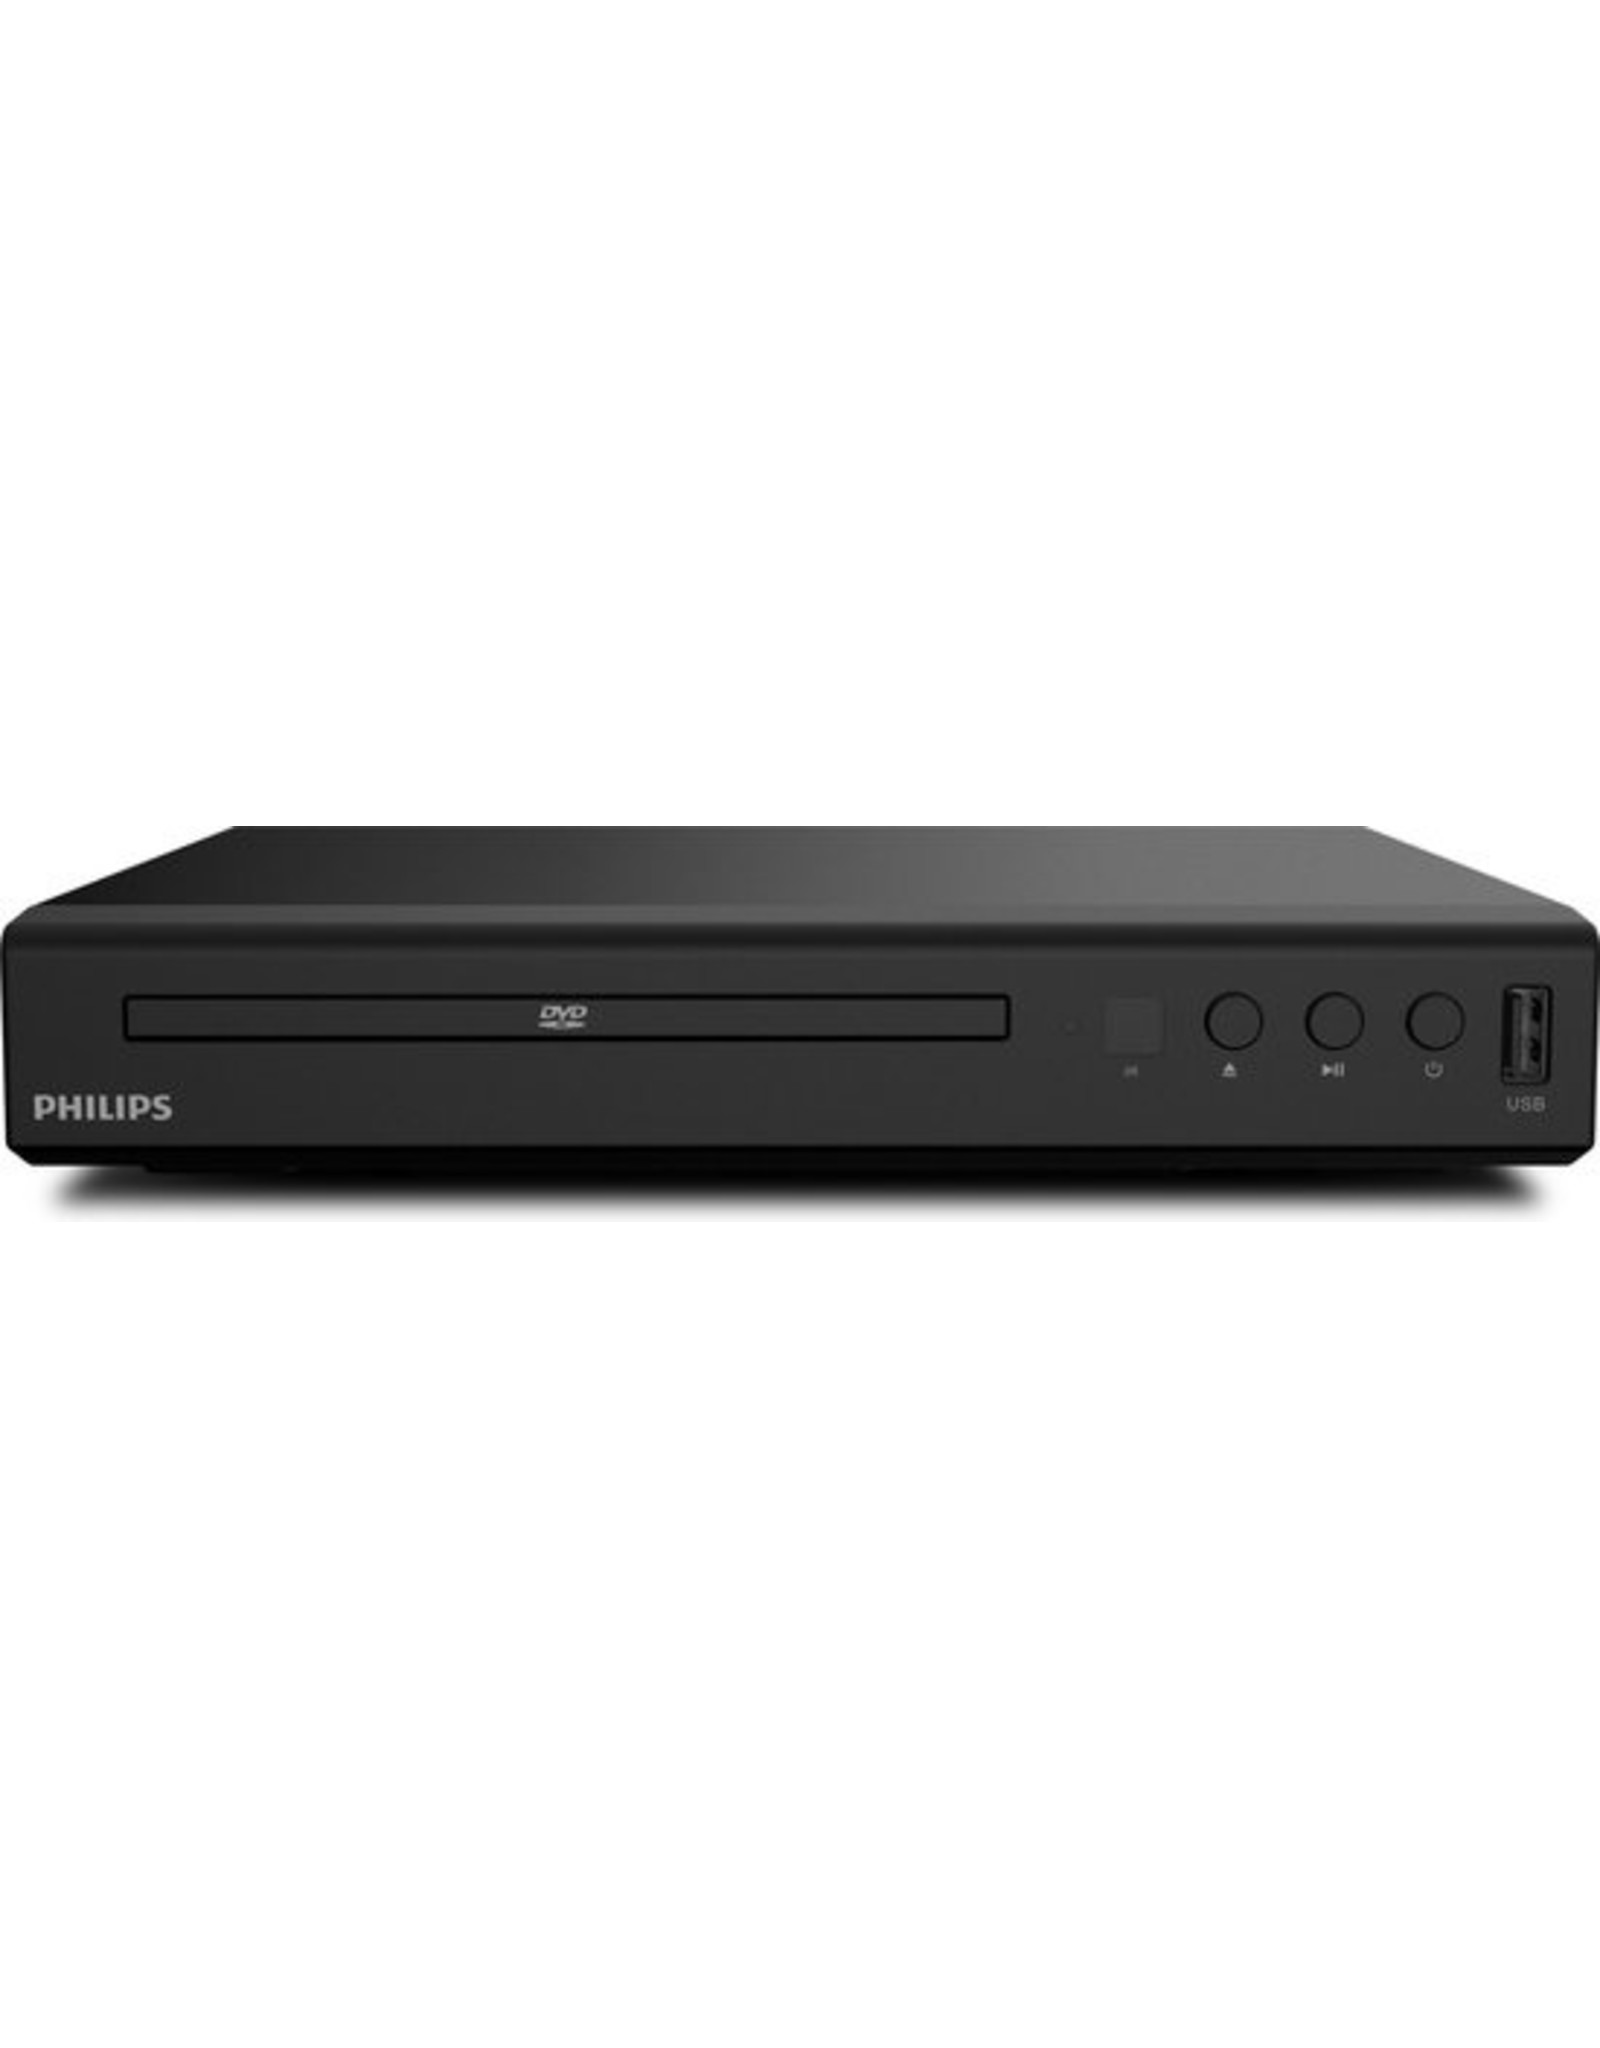 PHILIPS Philips  - DVD-speler - TAEP200 - met CD-ondersteuning en HDMI - Zwart